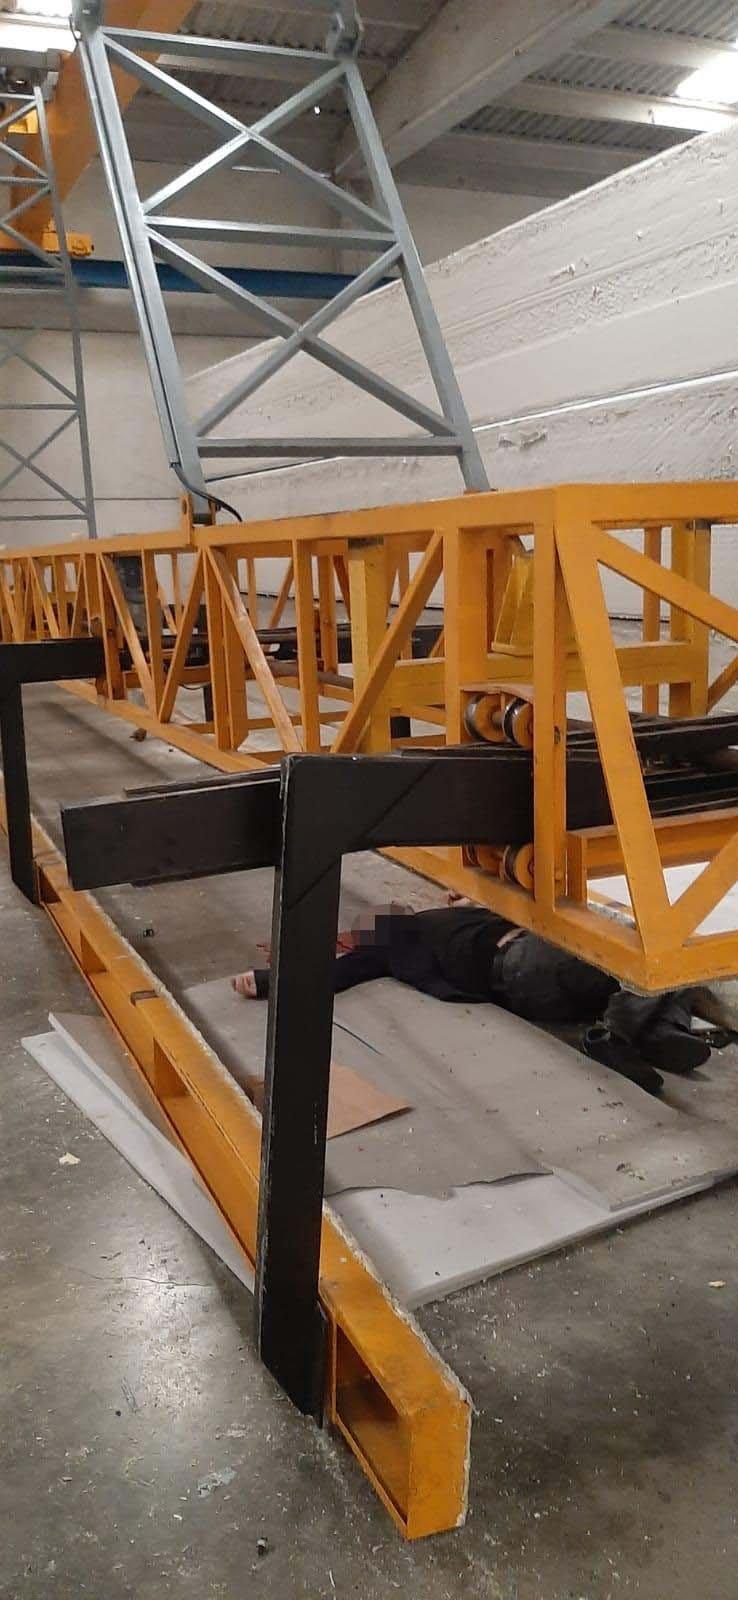 Halatı kopan vinç kolunun altında kalan işçi, öldü